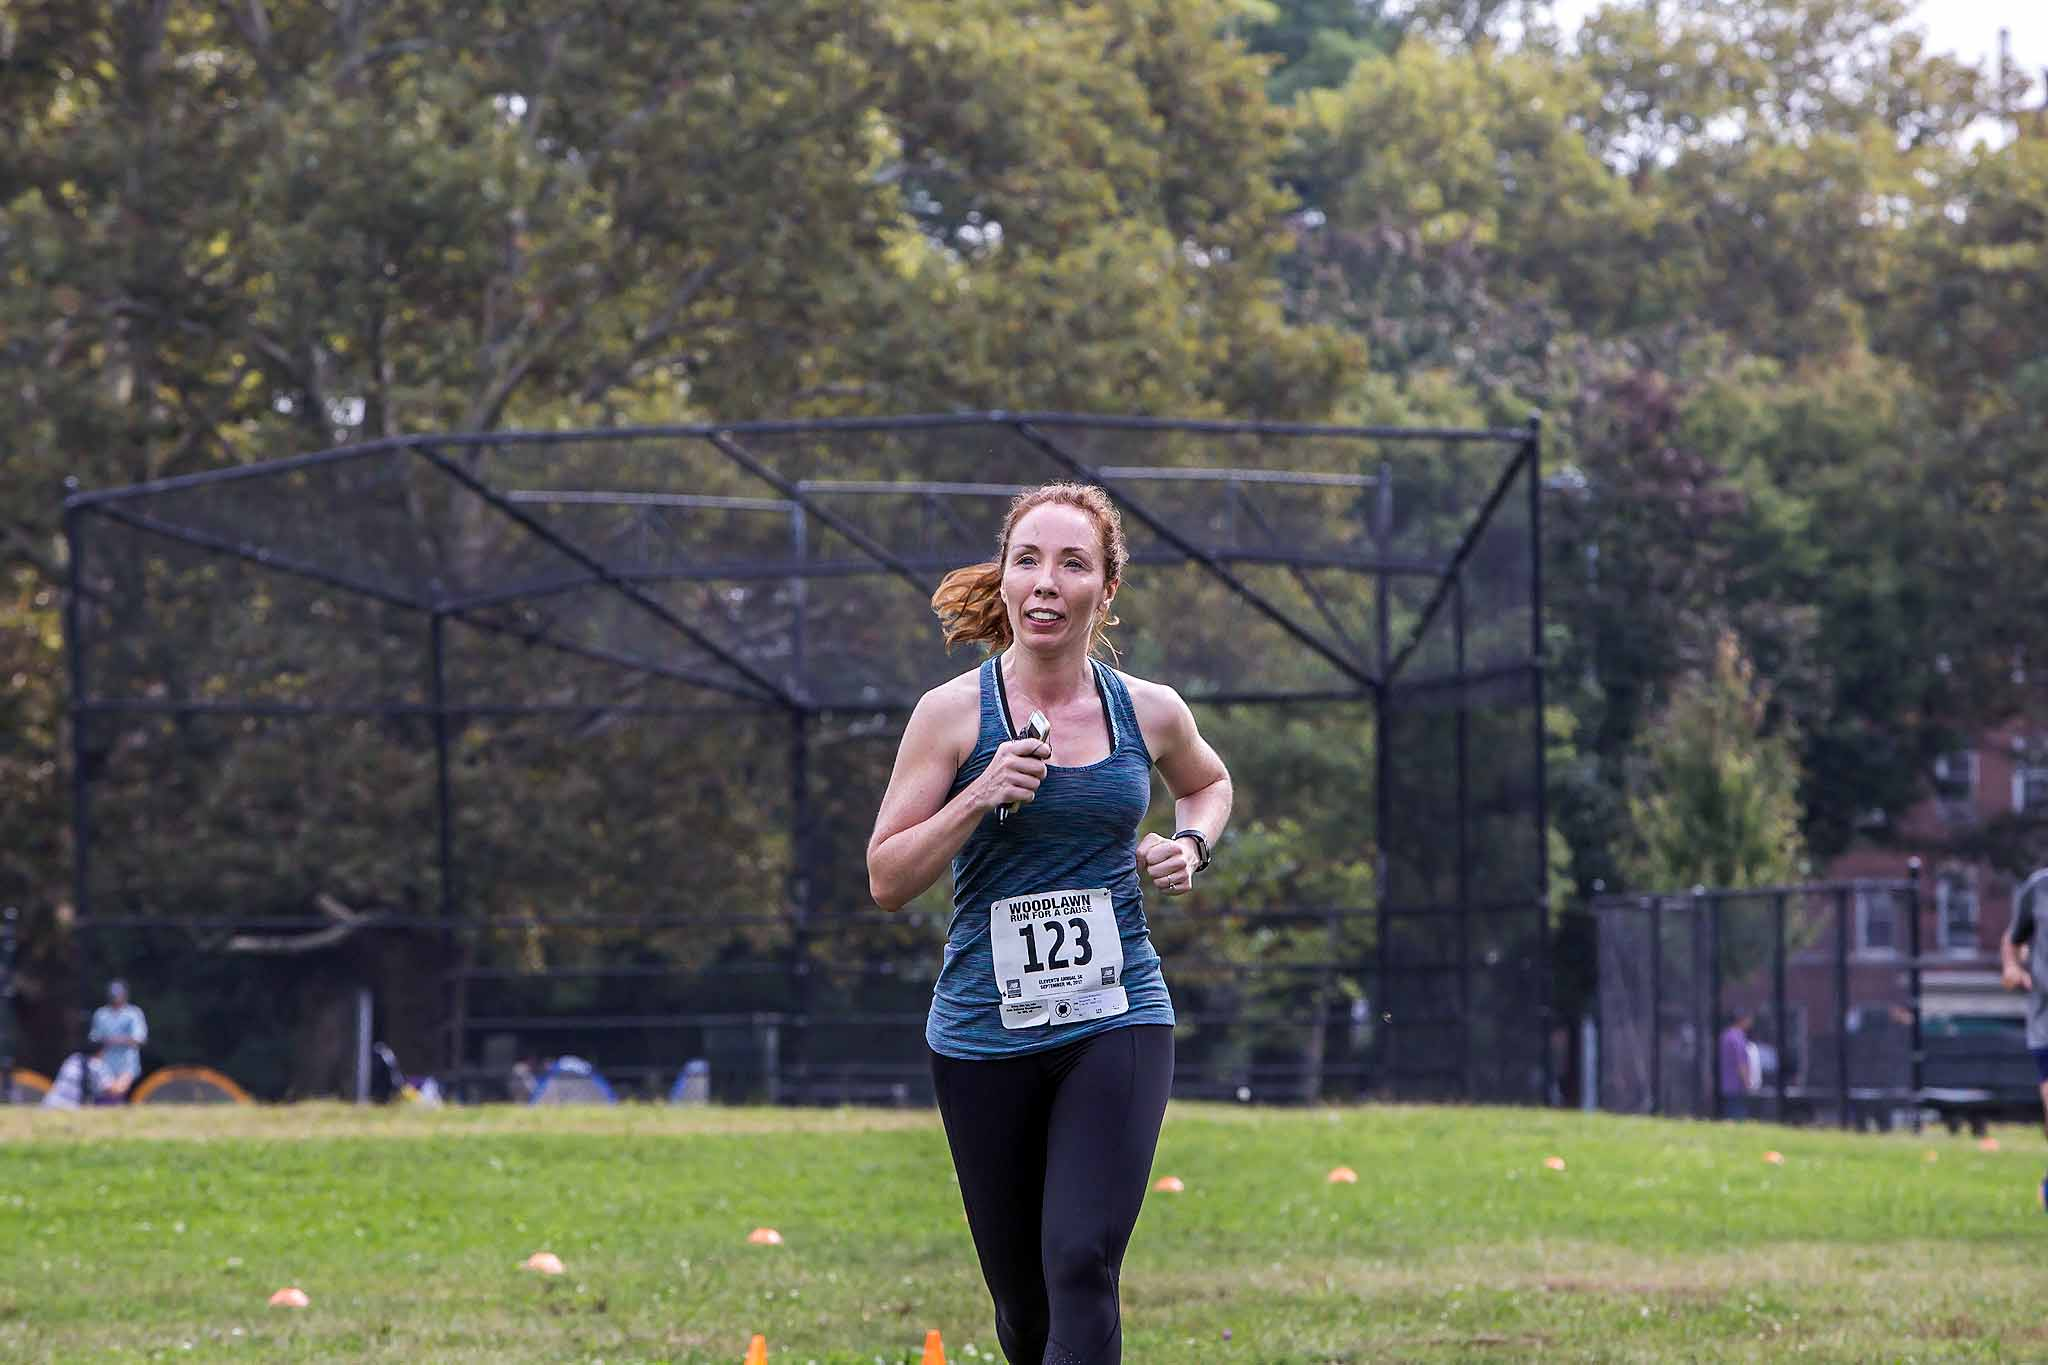 109-Woodlawn Run for a Cause-257.jpg